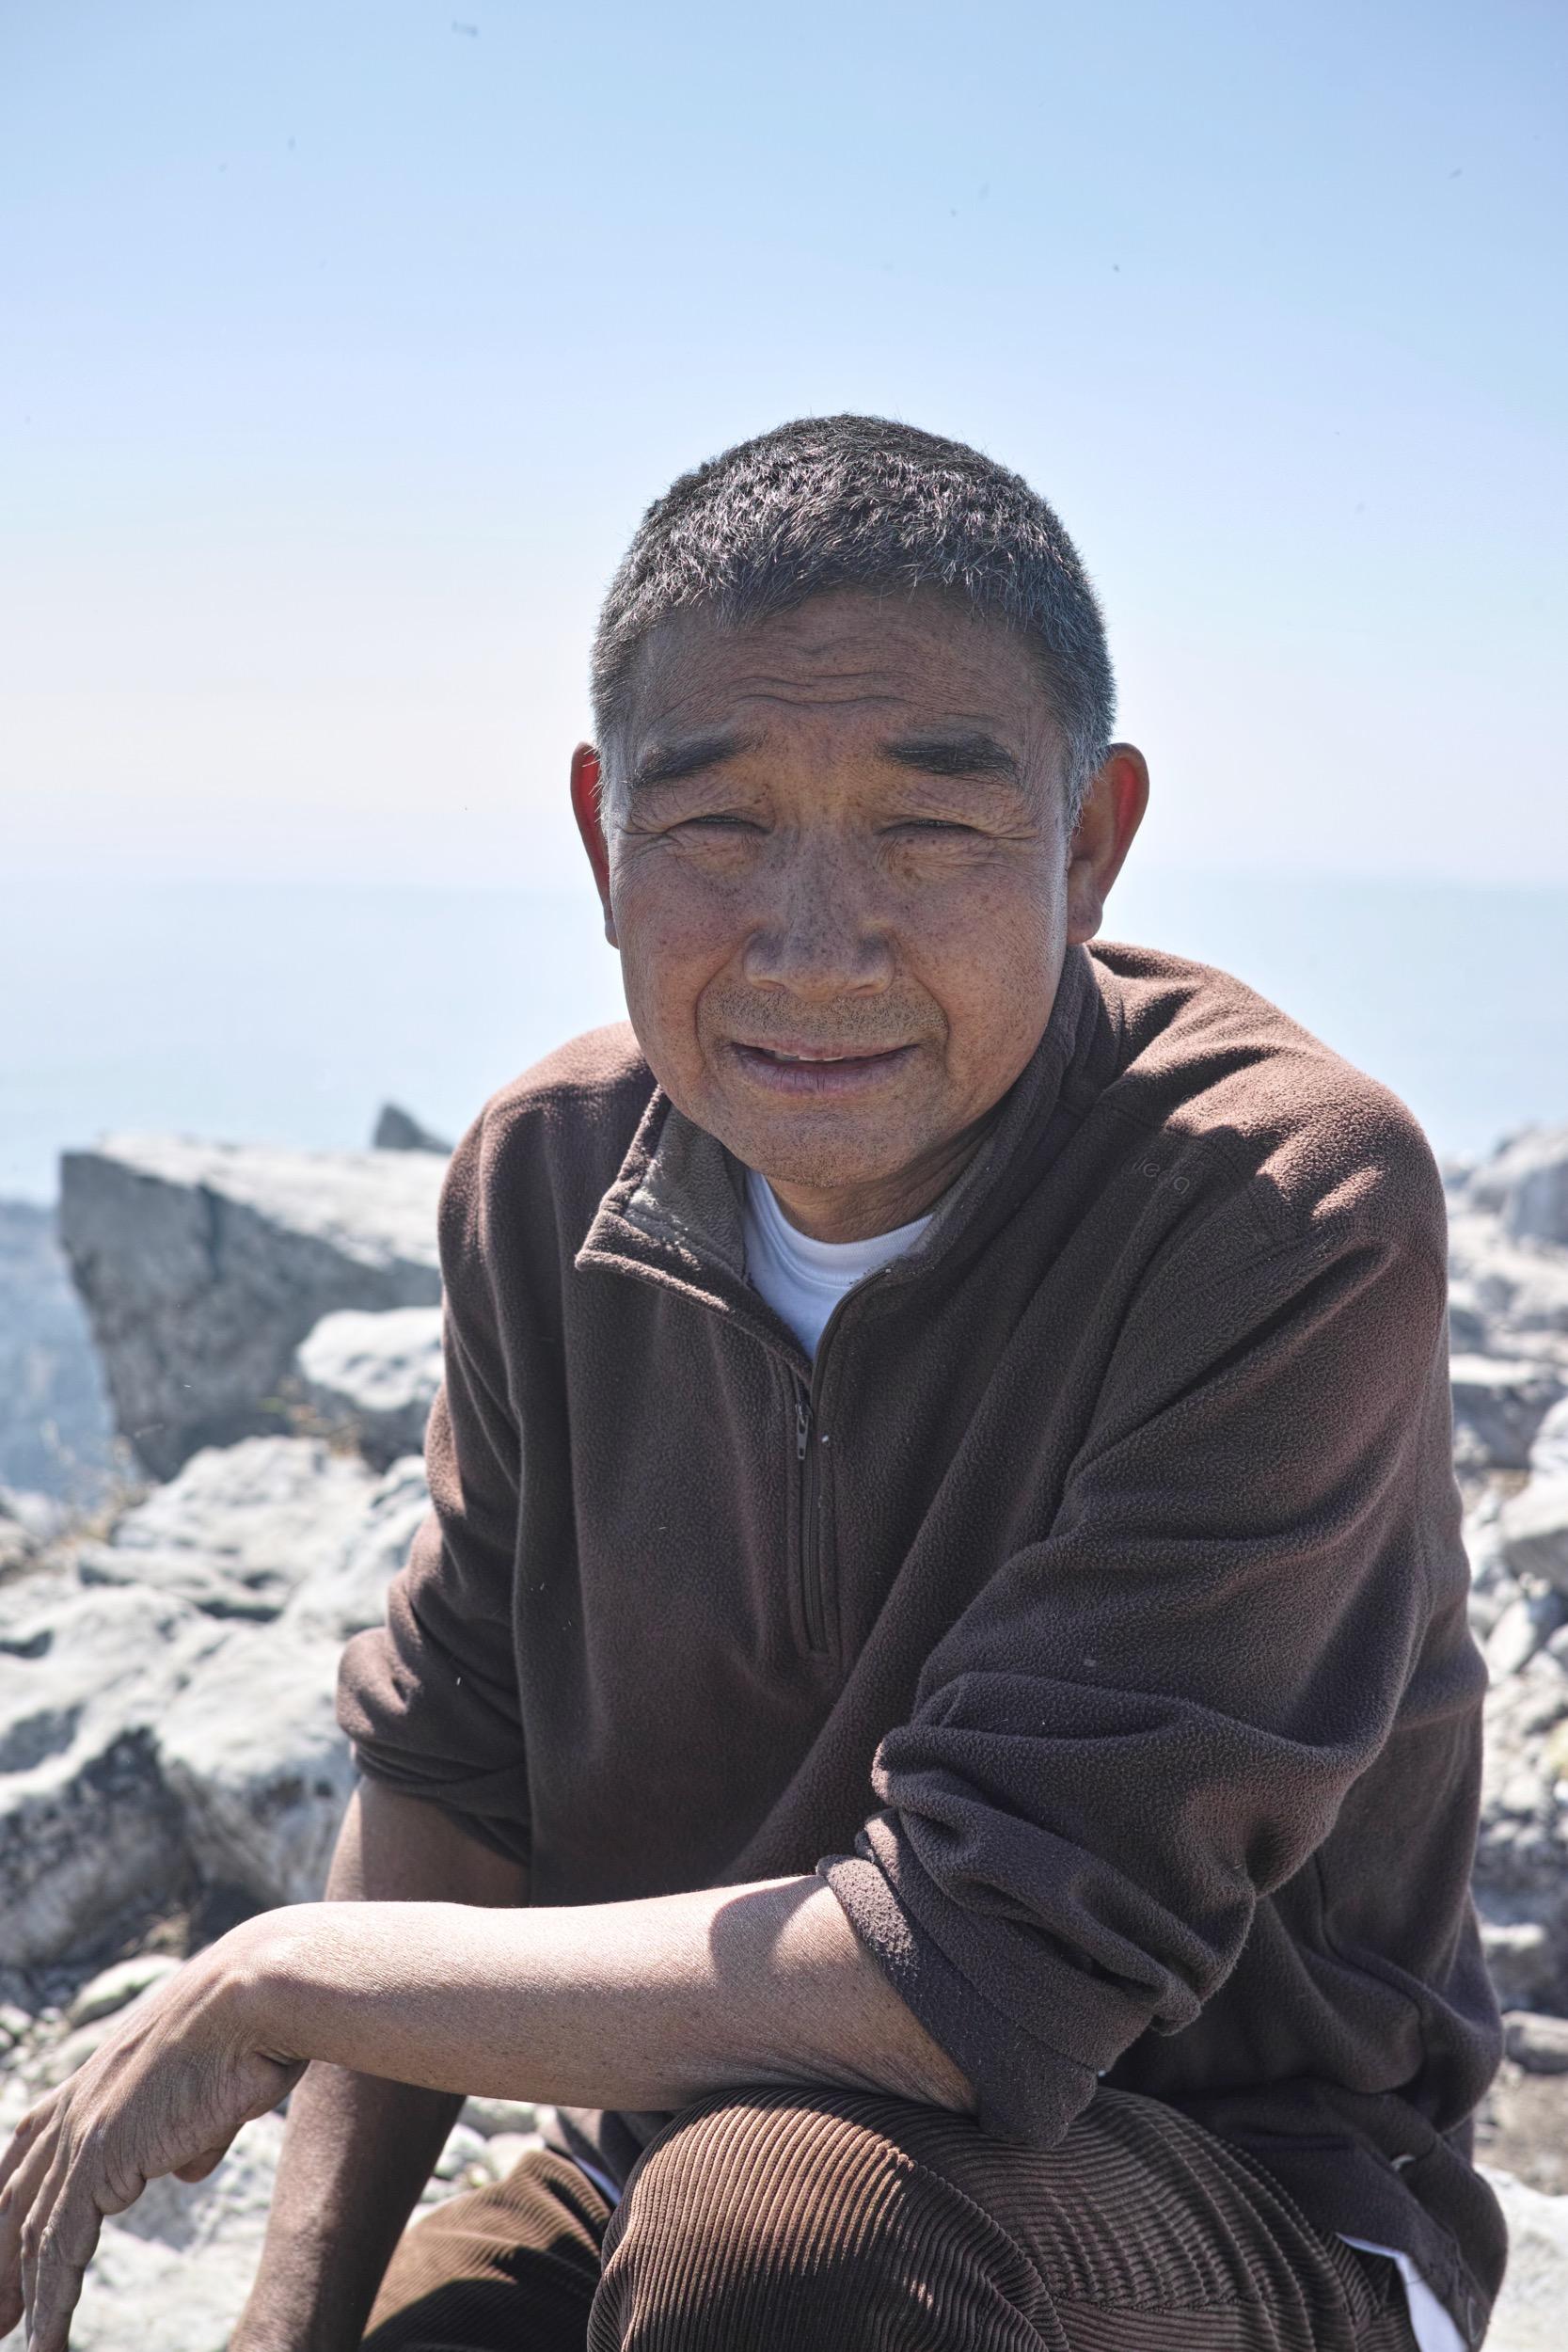 Tsering Dorje from Kibber (H.P.)